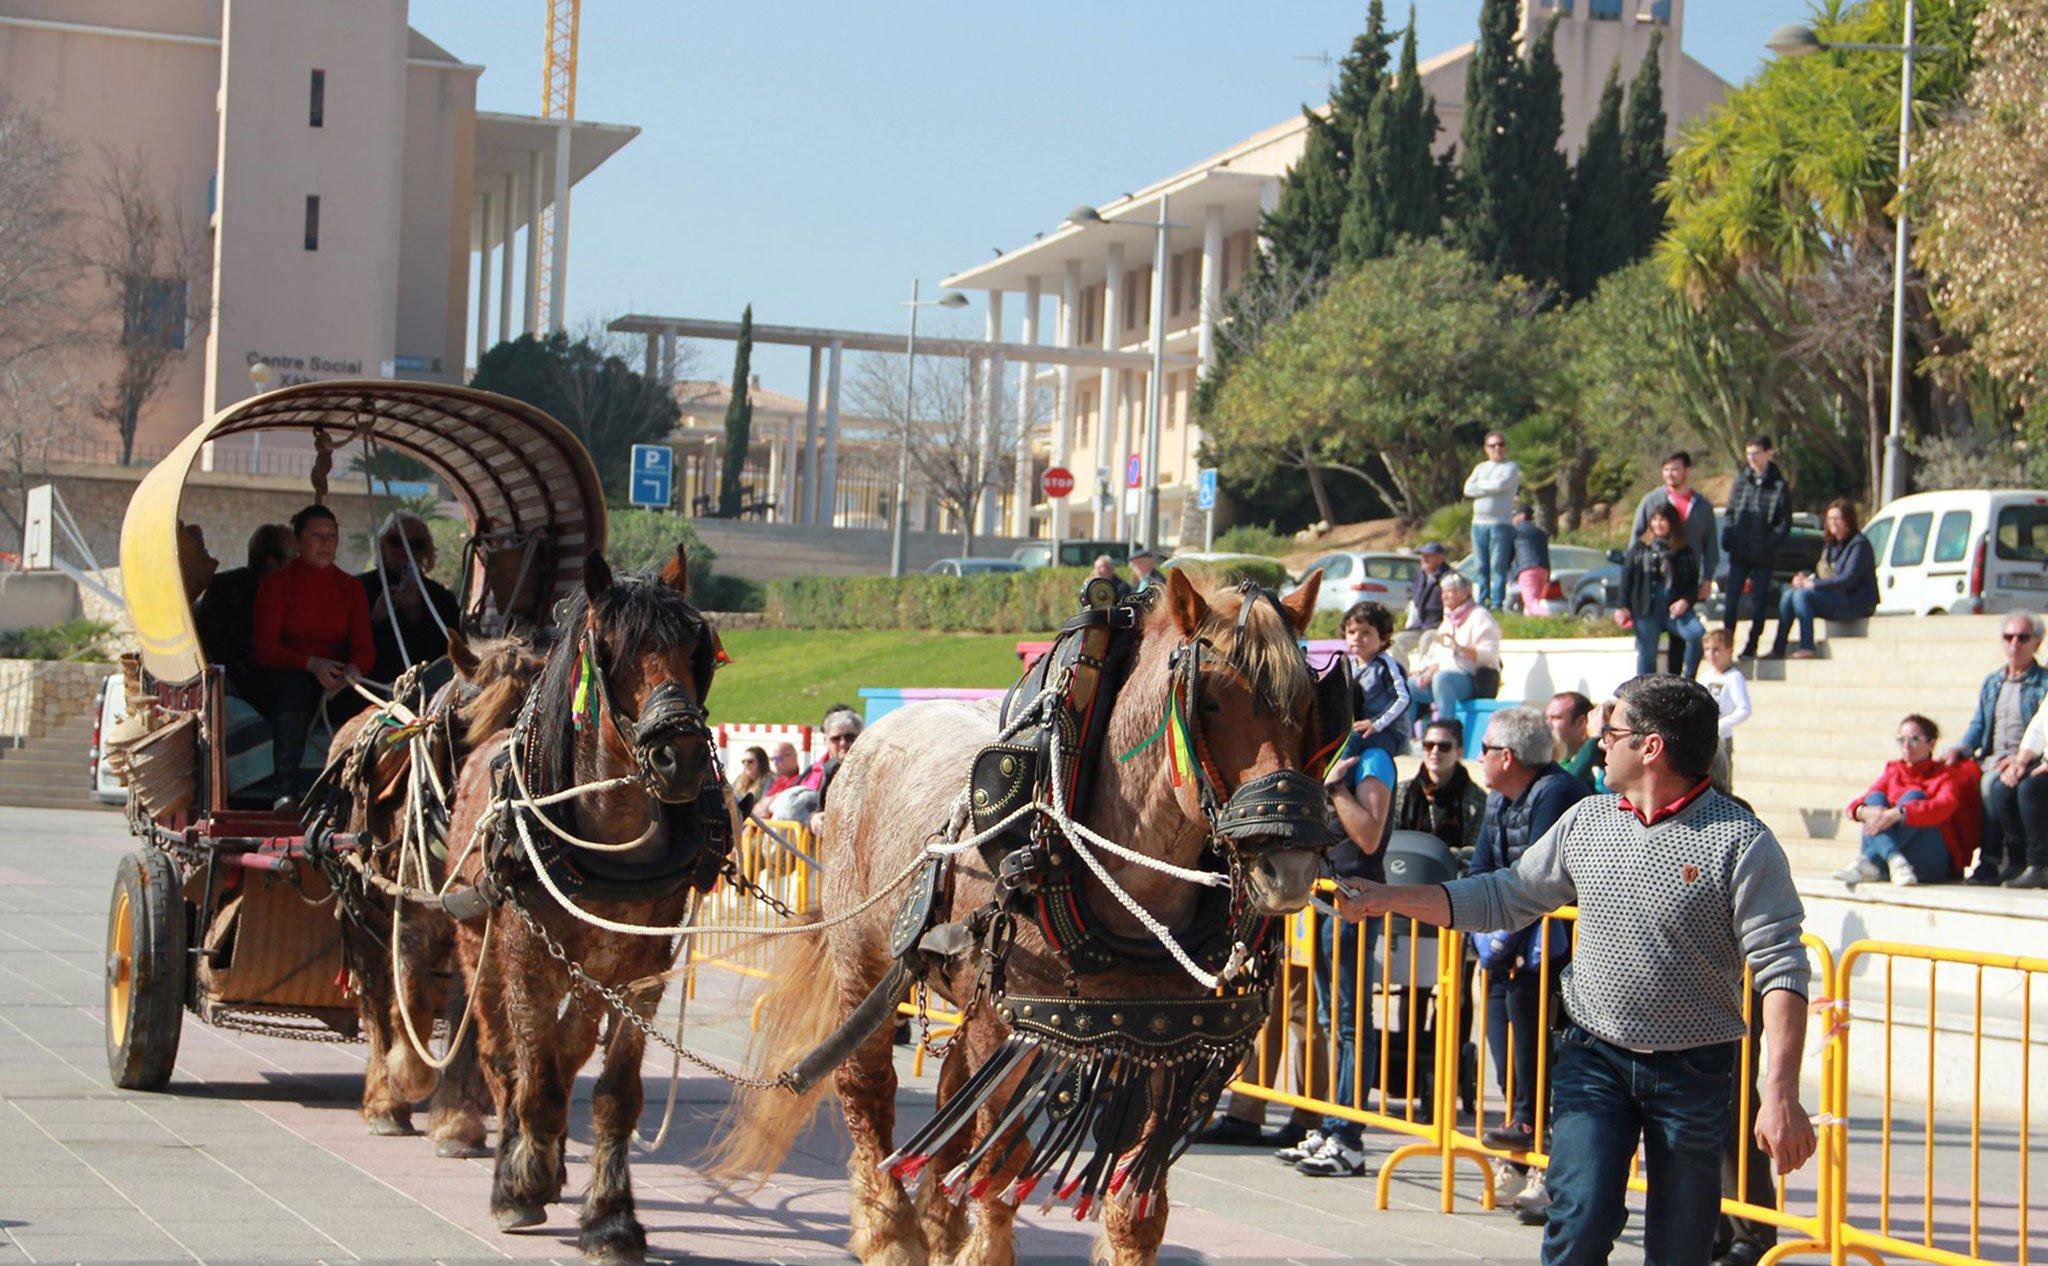 Festividad en honor a San Antonio Abad en Jávea, bendición de caballerías